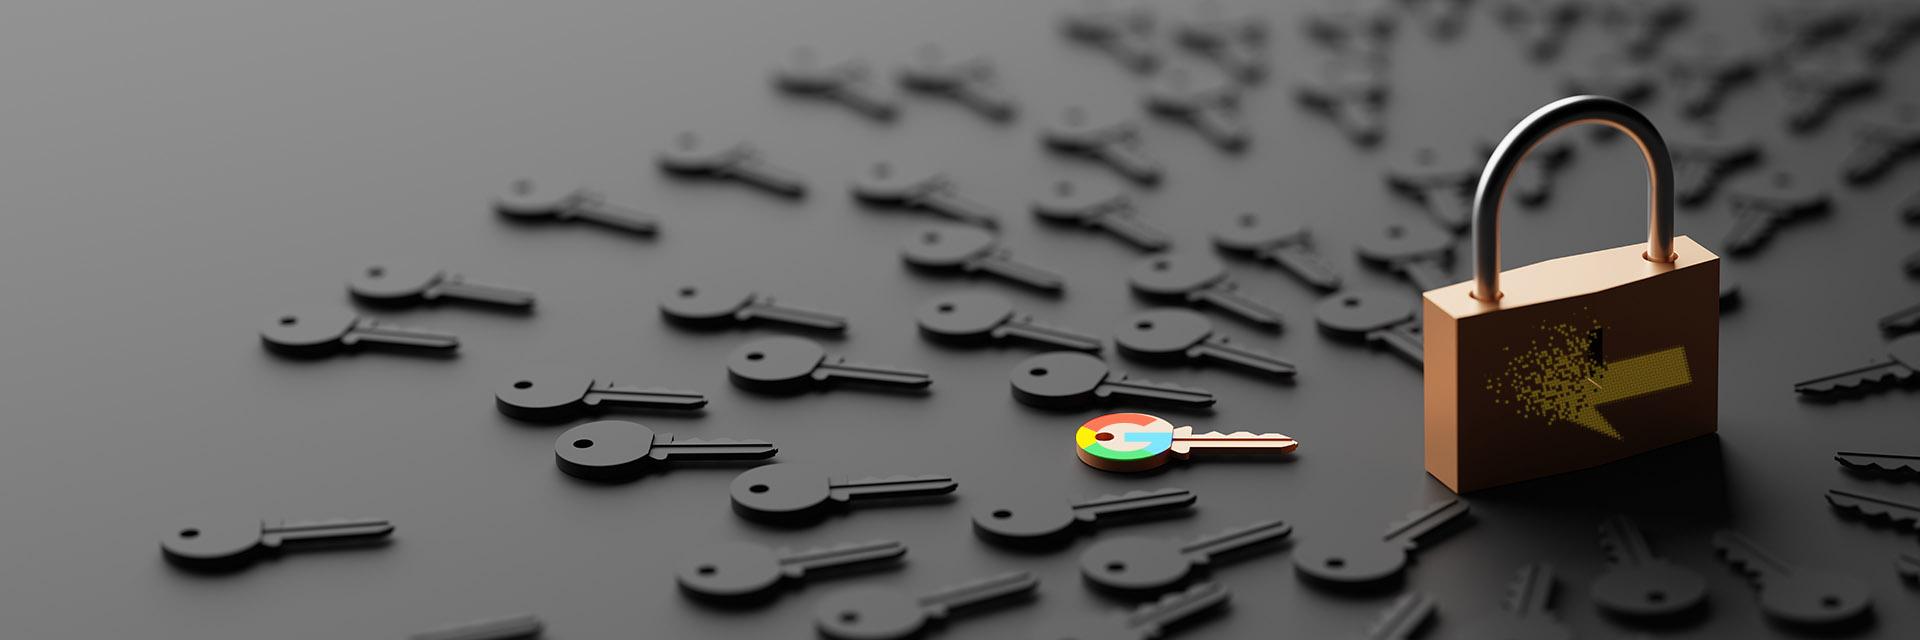 Protéger votre historique avec votre mot de passe||Google